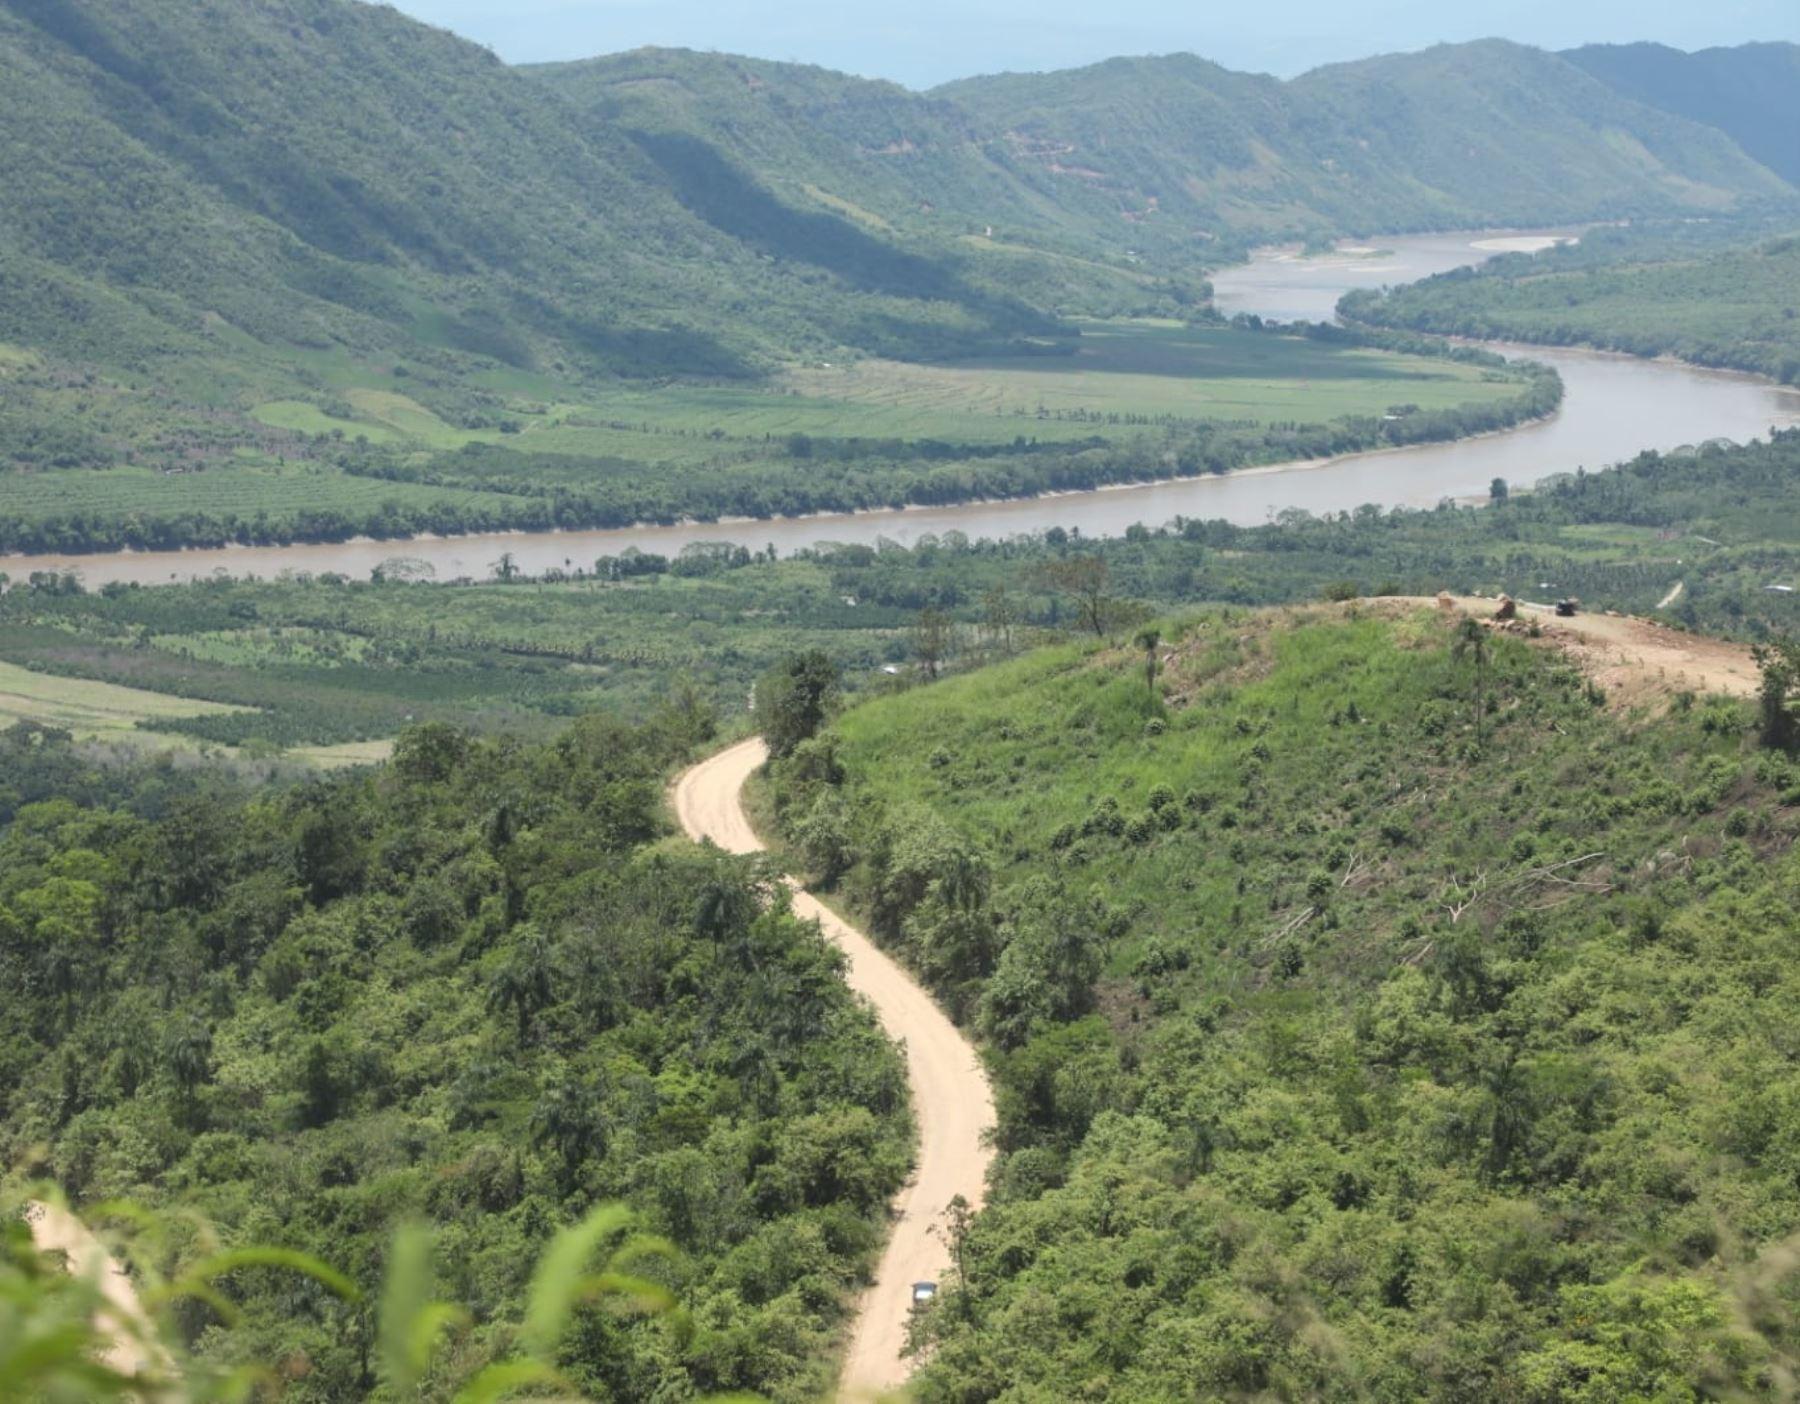 Gobierno impulsará el asfaltado de camino vecinal y construcción de puente en distrito de Sauce, región San Martín, para impulsar el desarrollo de este importante destino turístico. Foto: ANDINA/Difusión.